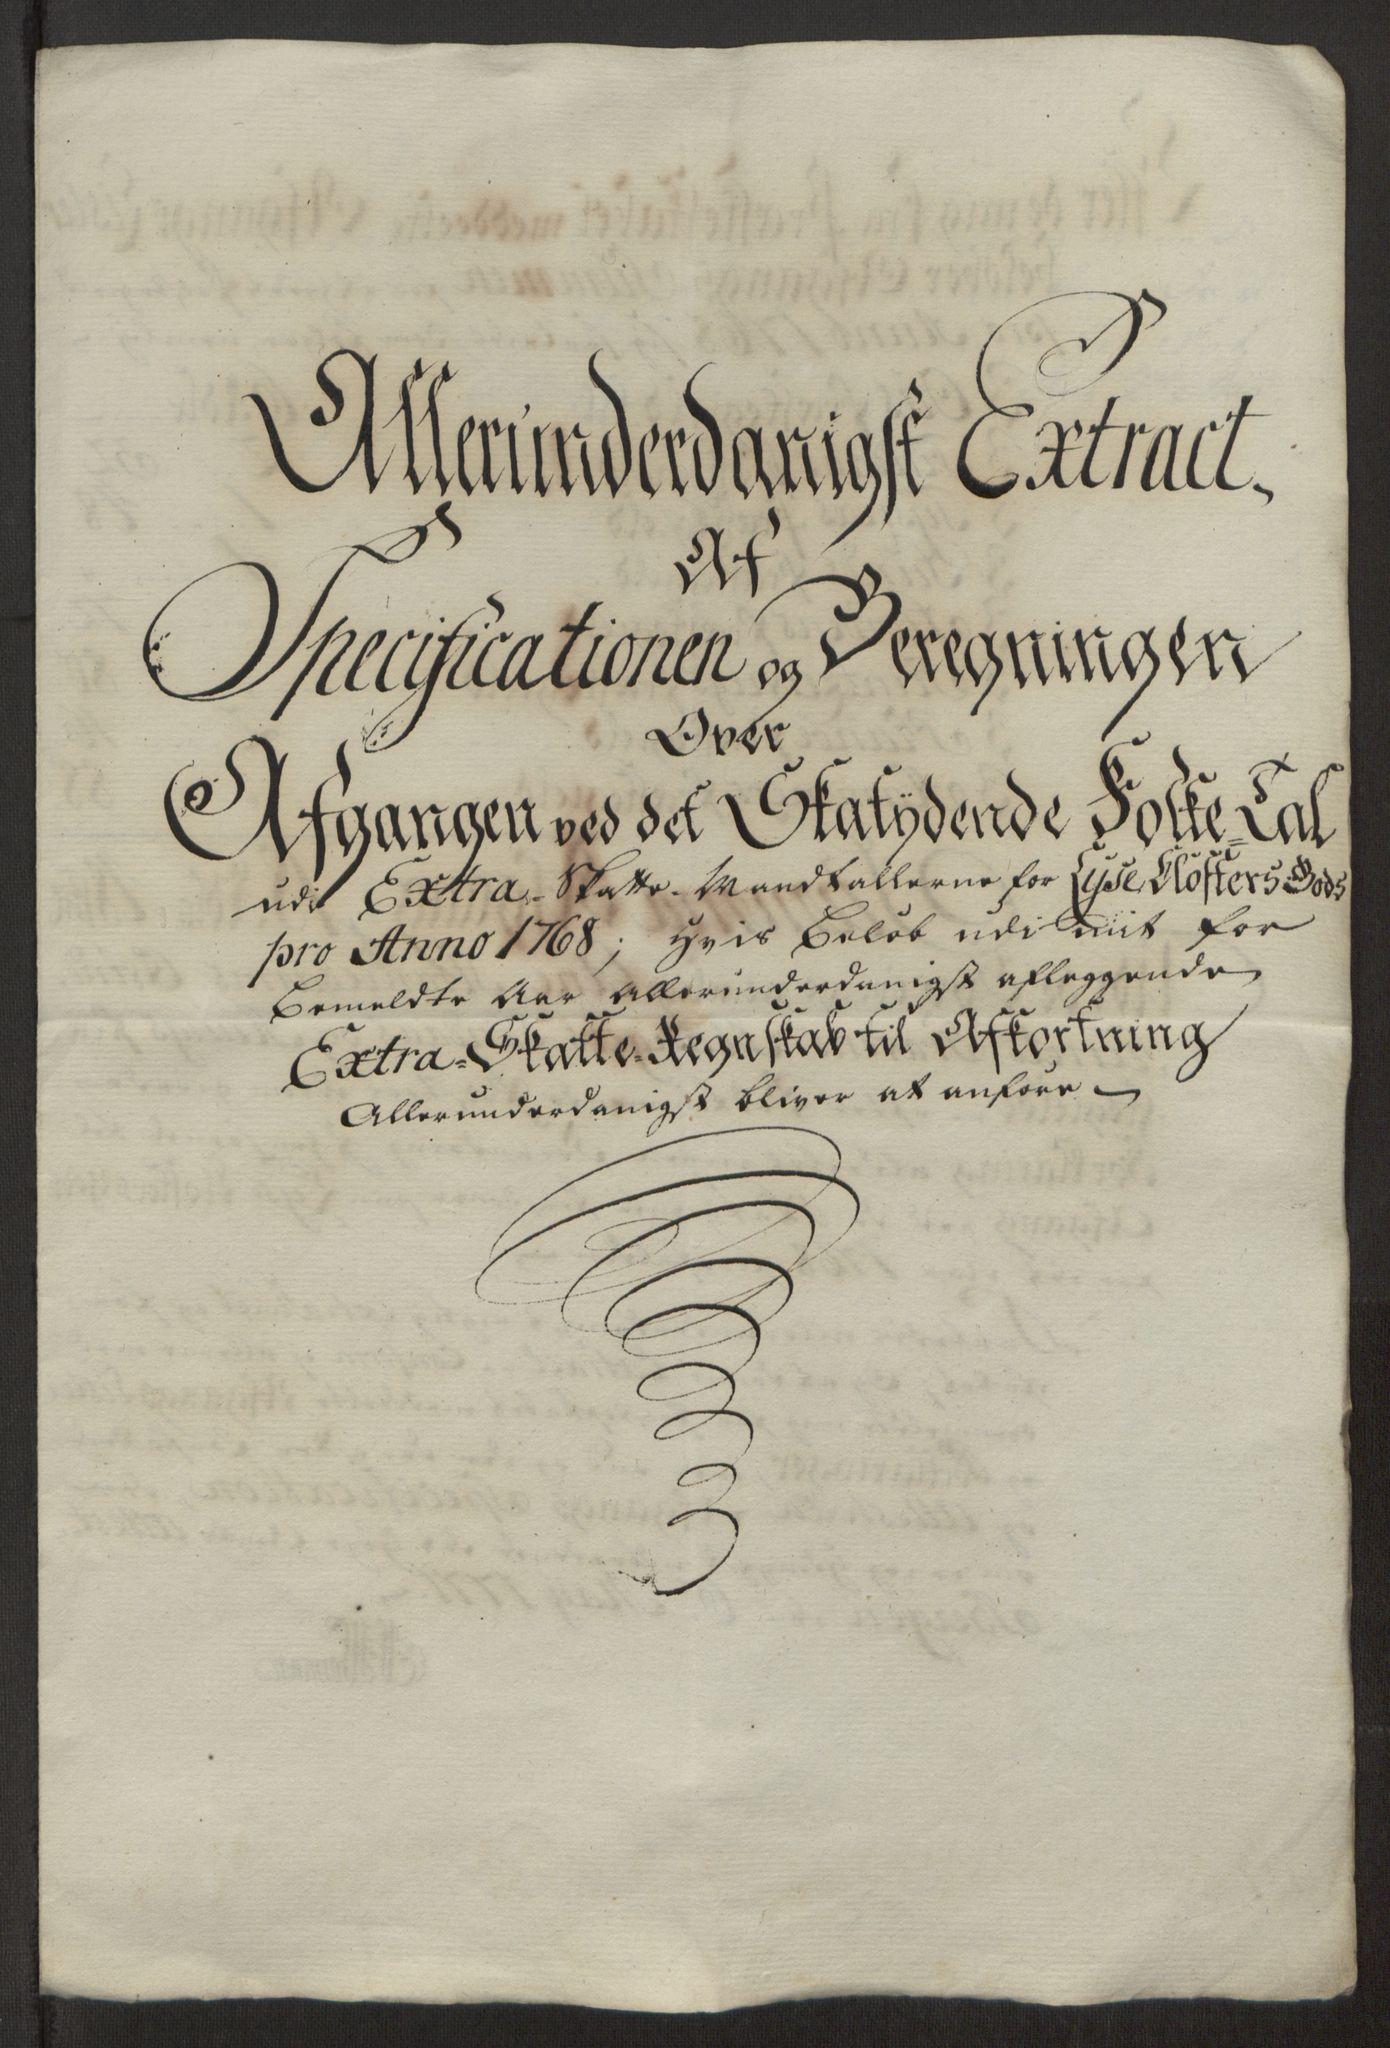 RA, Rentekammeret inntil 1814, Reviderte regnskaper, Fogderegnskap, R50/L3180: Ekstraskatten Lyse kloster, 1762-1783, s. 202